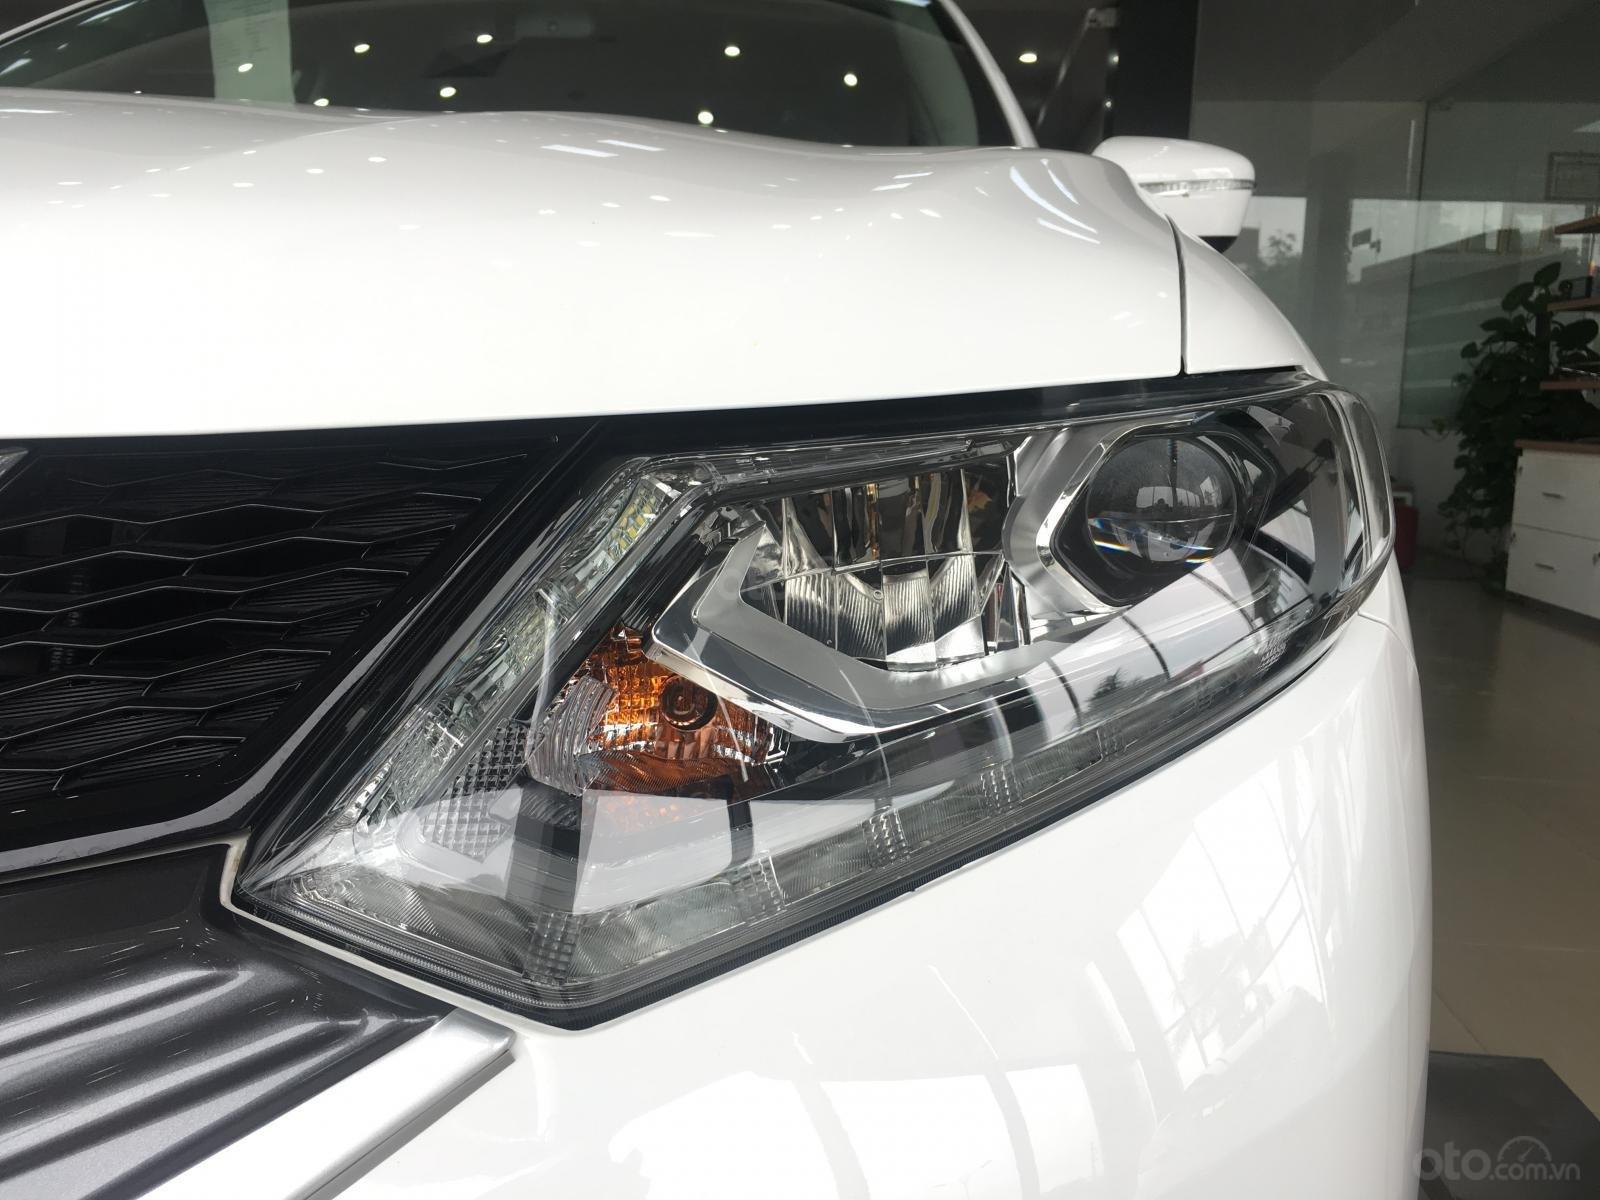 Bán ô tô Nissan X trail 2.0 Luxury 2019, màu trắng giá tốt nhất (3)